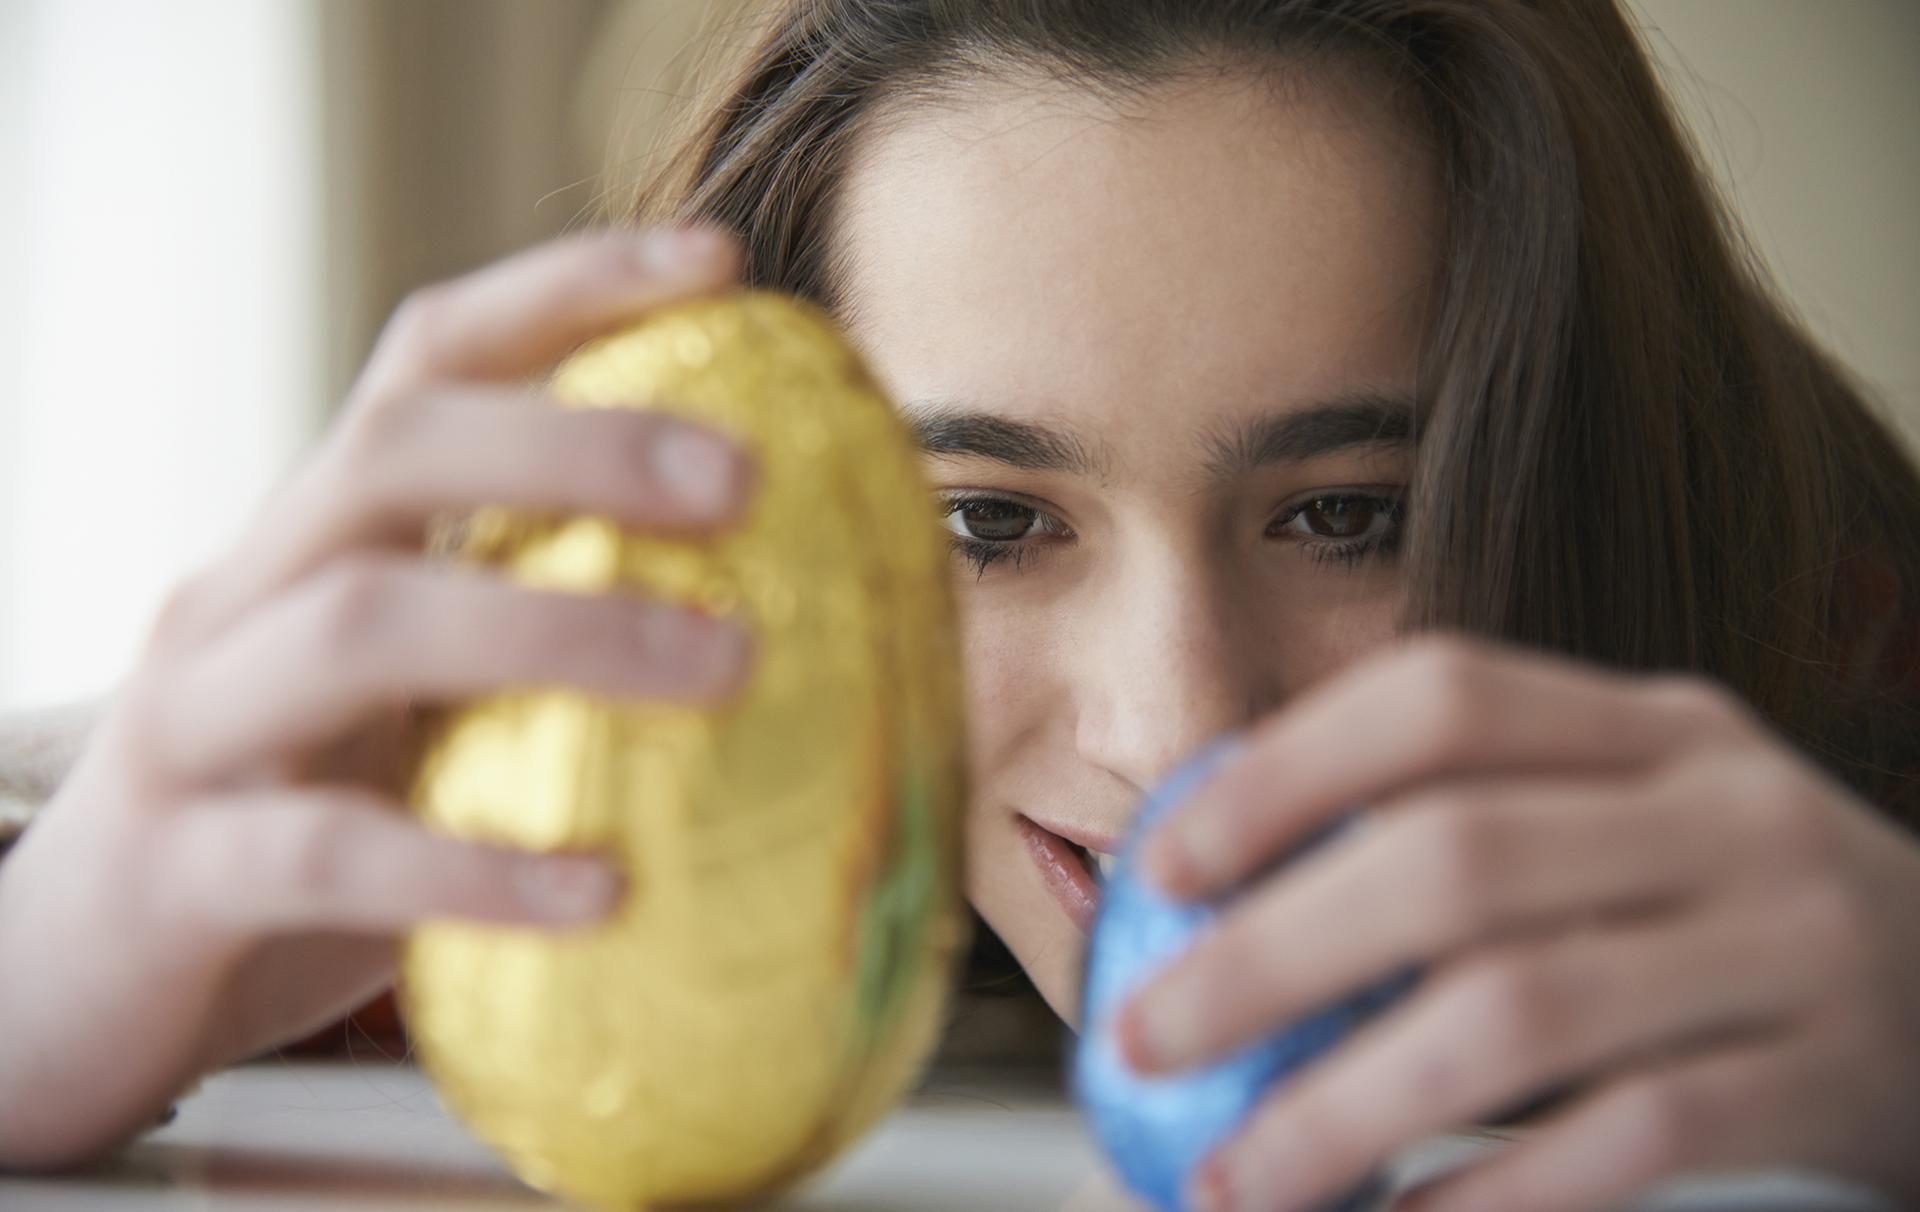 tesco branded Easter egg sale